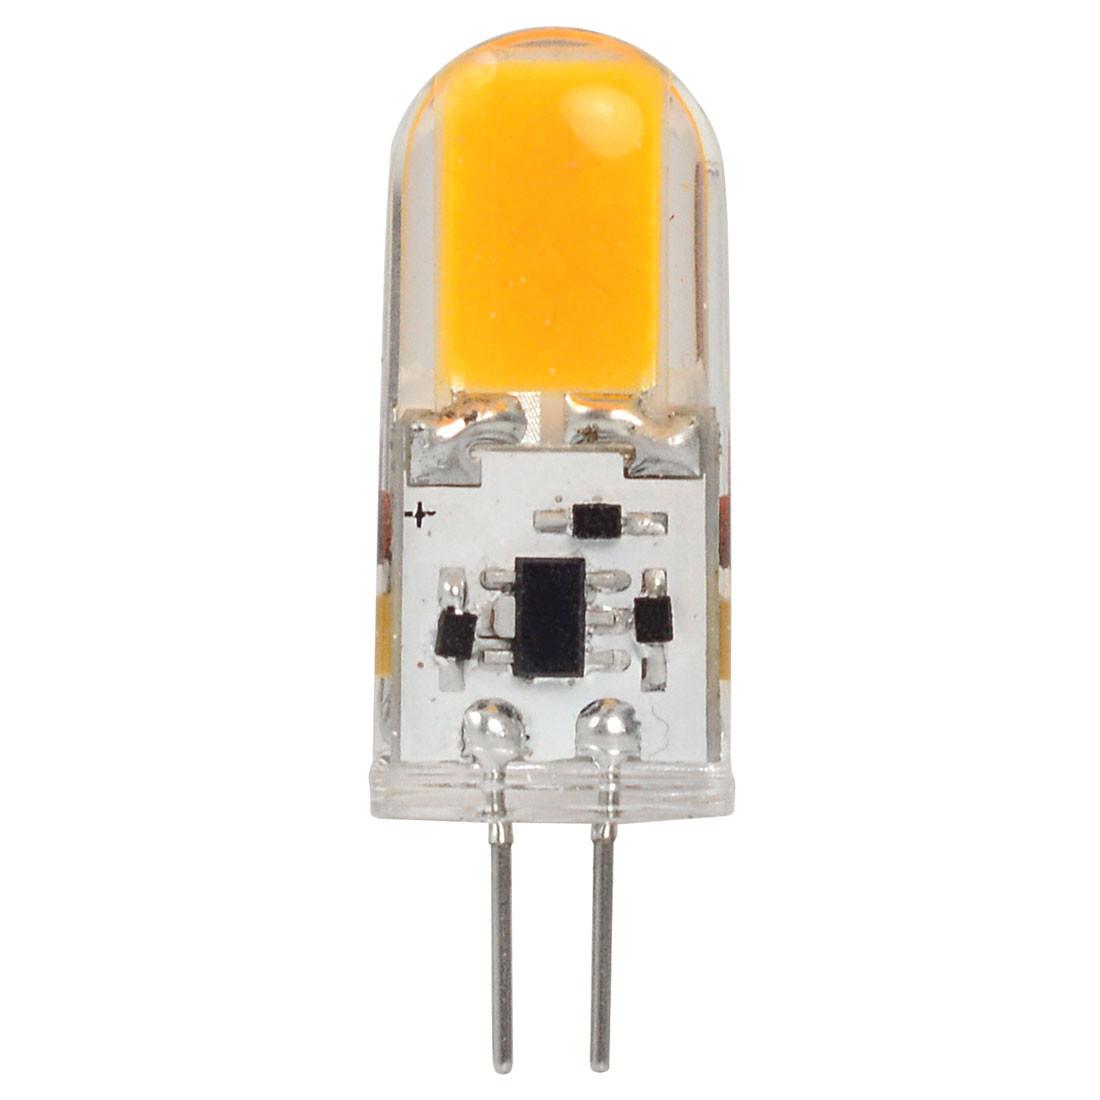 MENGS® G4 4W LED Light COB LED Bulb Lamp AC/DC 12V In Warm White Energy-Saving Light